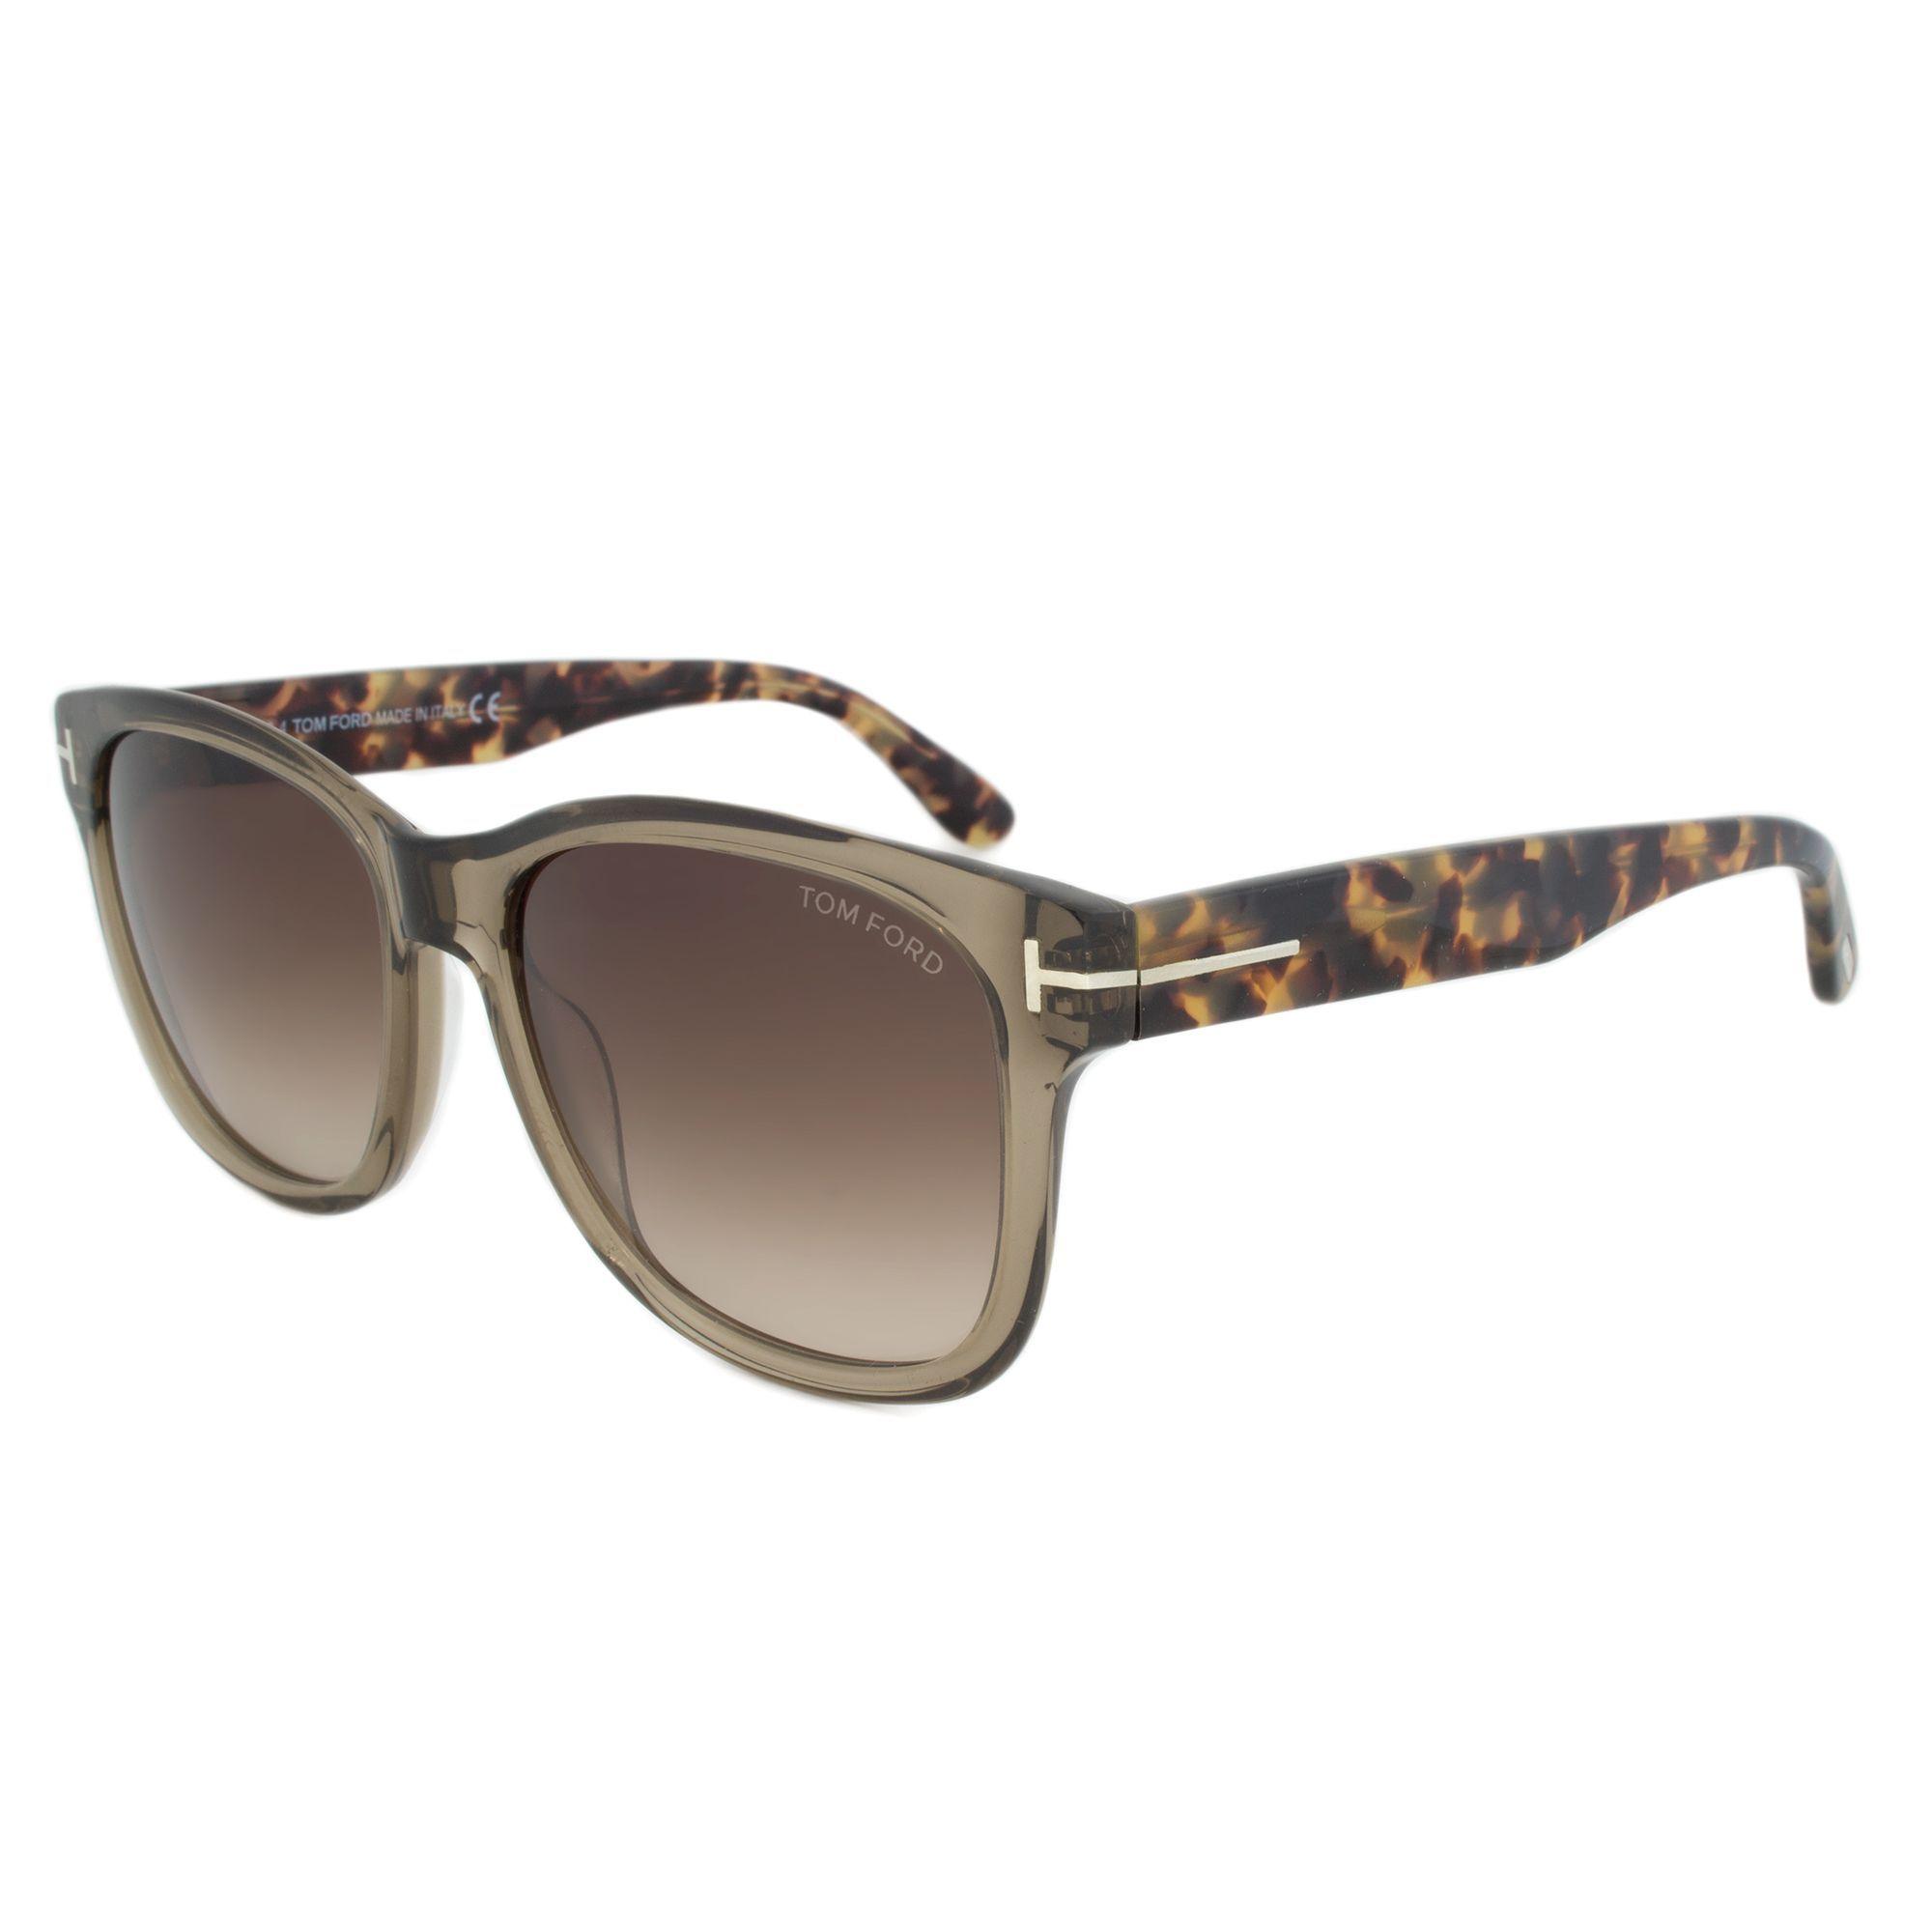 Tom Ford Sonnenbrille FT0395 34K Sonnenbrille Herren djteFyxL